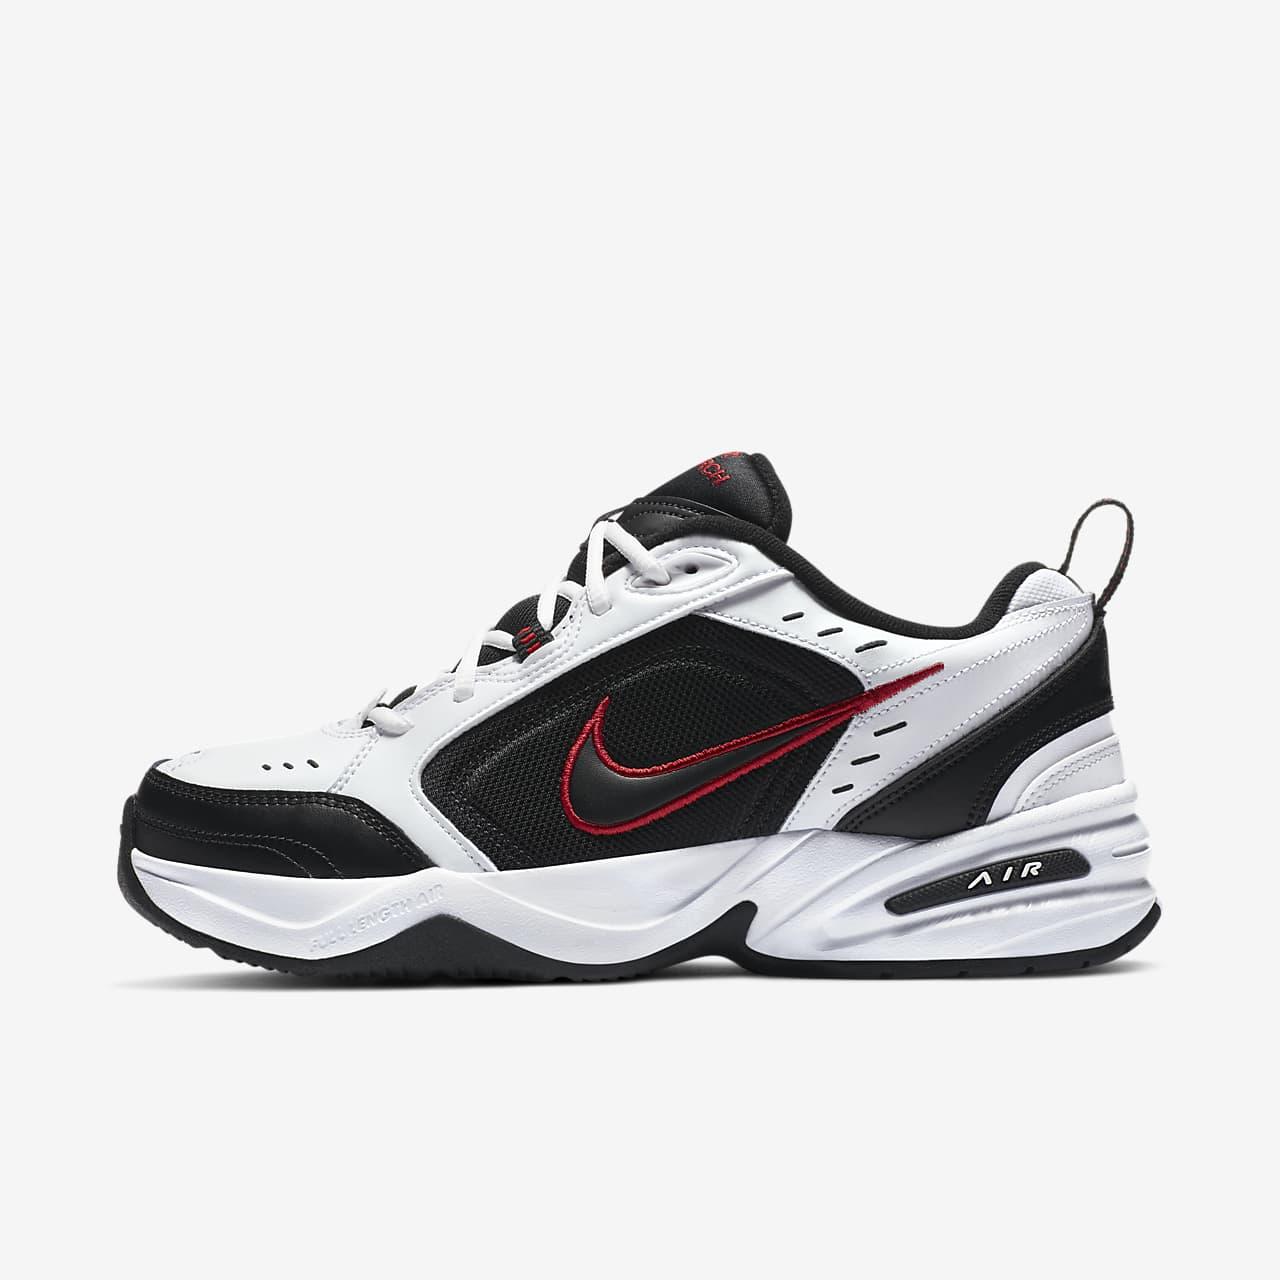 Nike Air Monarch IV Schuh für Lifestyle/Fitnessstudio